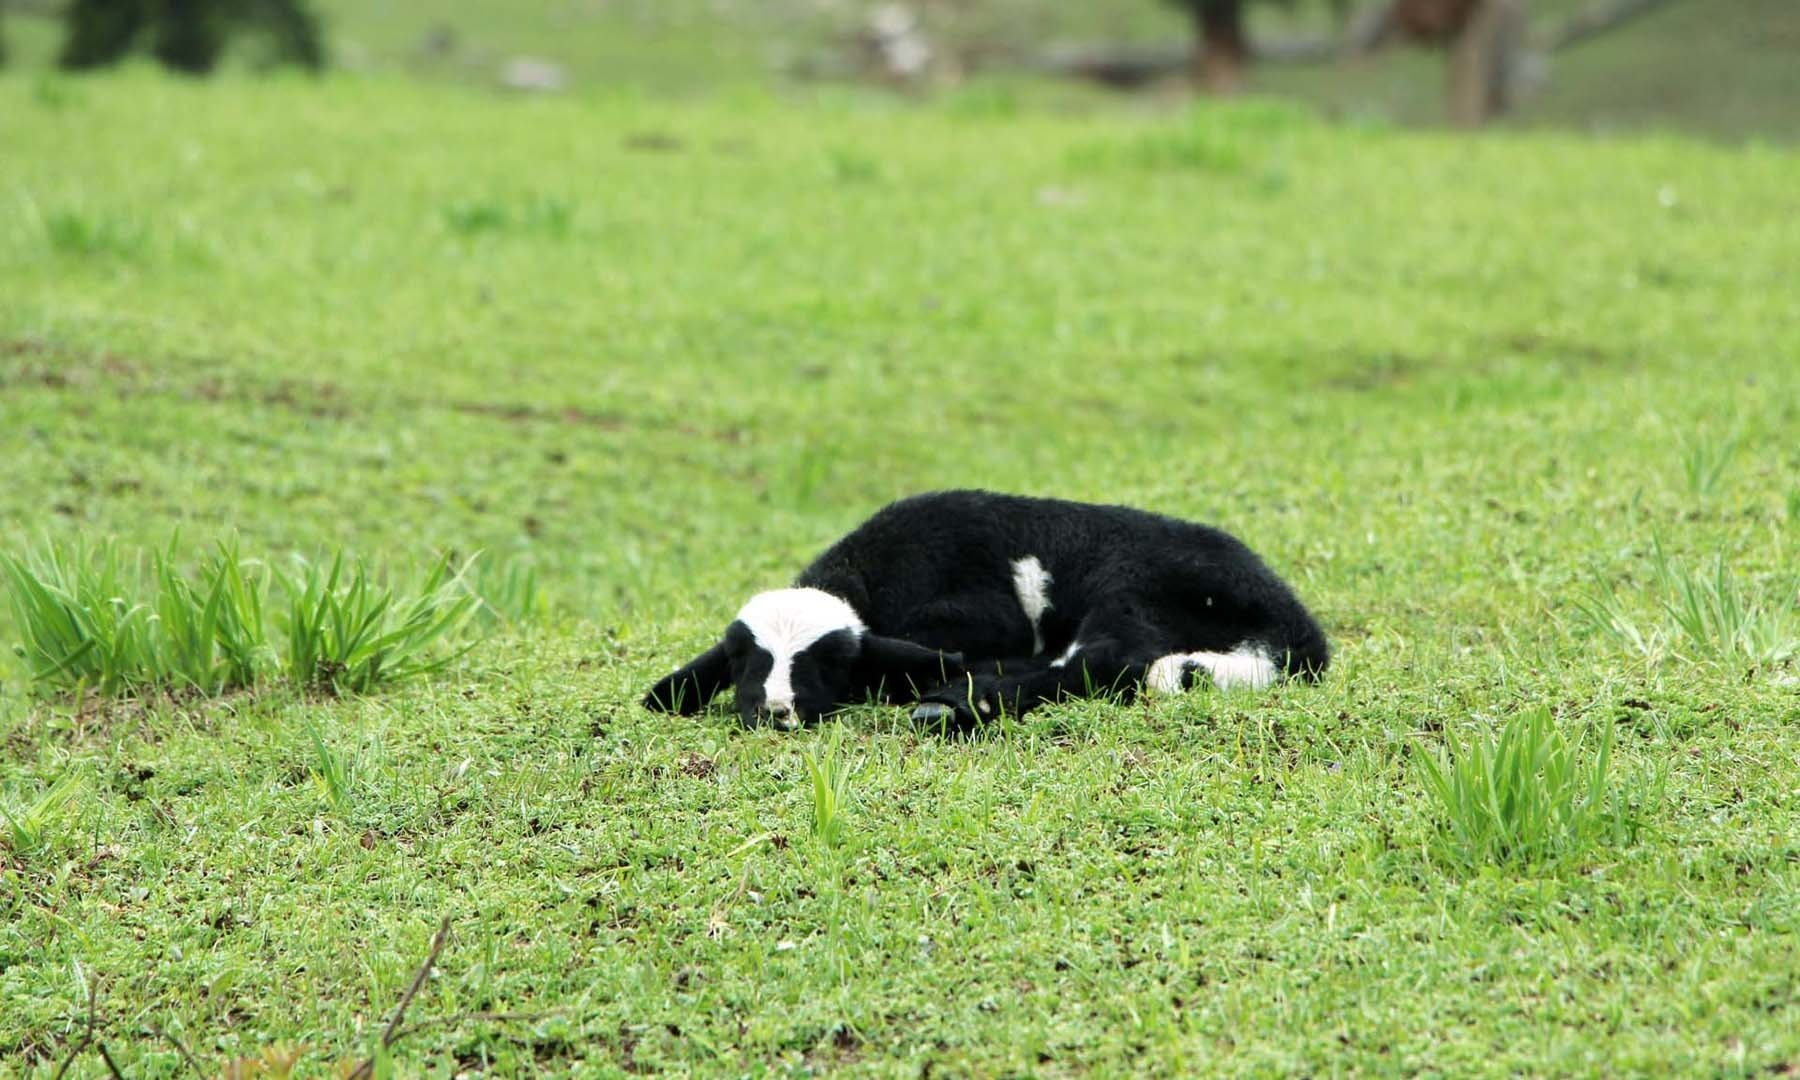 ایک برّہ، چینیٹی شی بانڈہ میں میٹھی نیند کے مزے لے رہا ہے—امجد علی سحابؔ